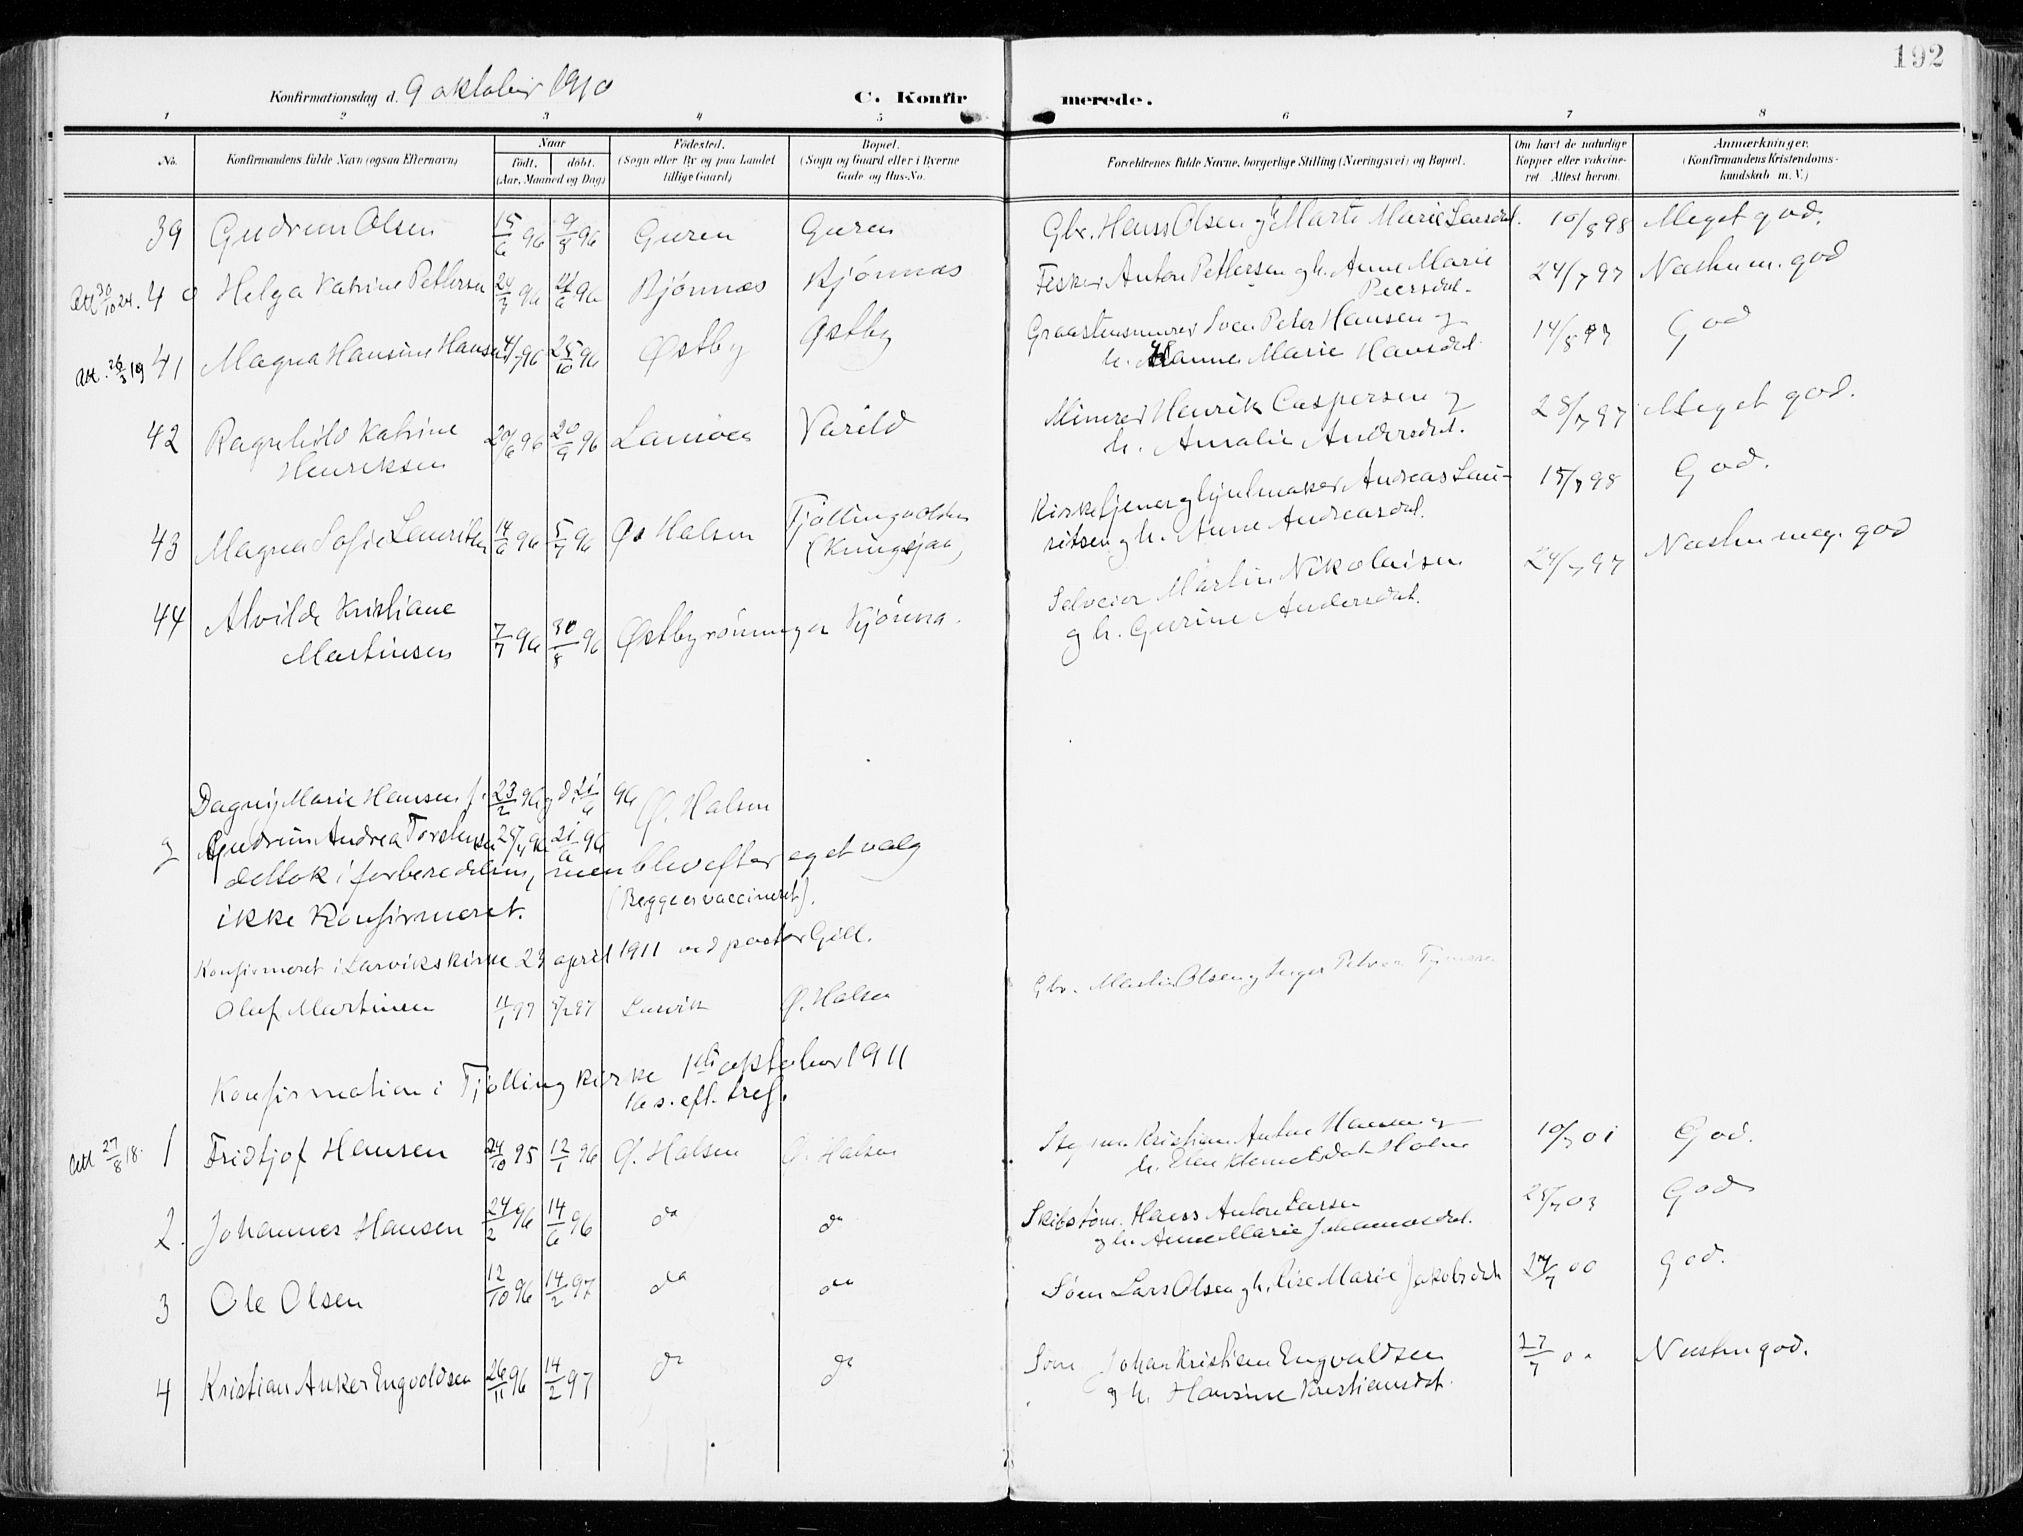 SAKO, Tjølling kirkebøker, F/Fa/L0010: Ministerialbok nr. 10, 1906-1923, s. 192